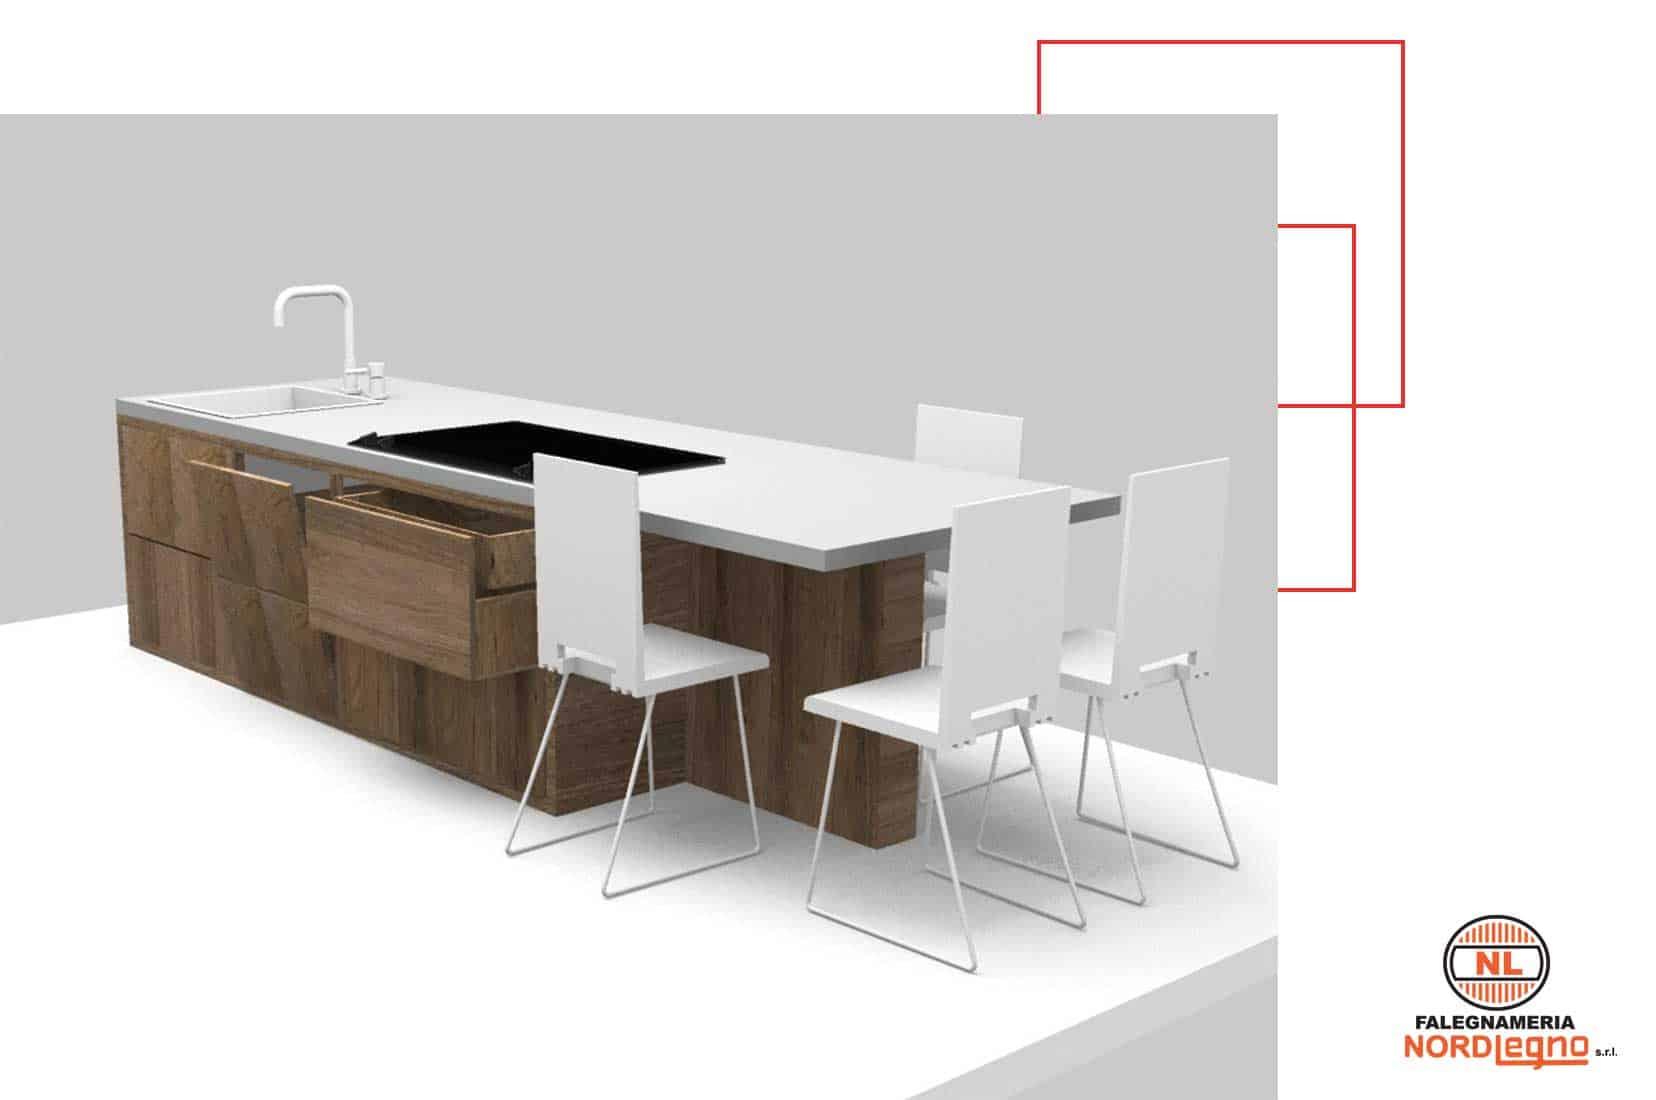 Falegnameria-calangianus-nord-legno-render-3d-1.jpg